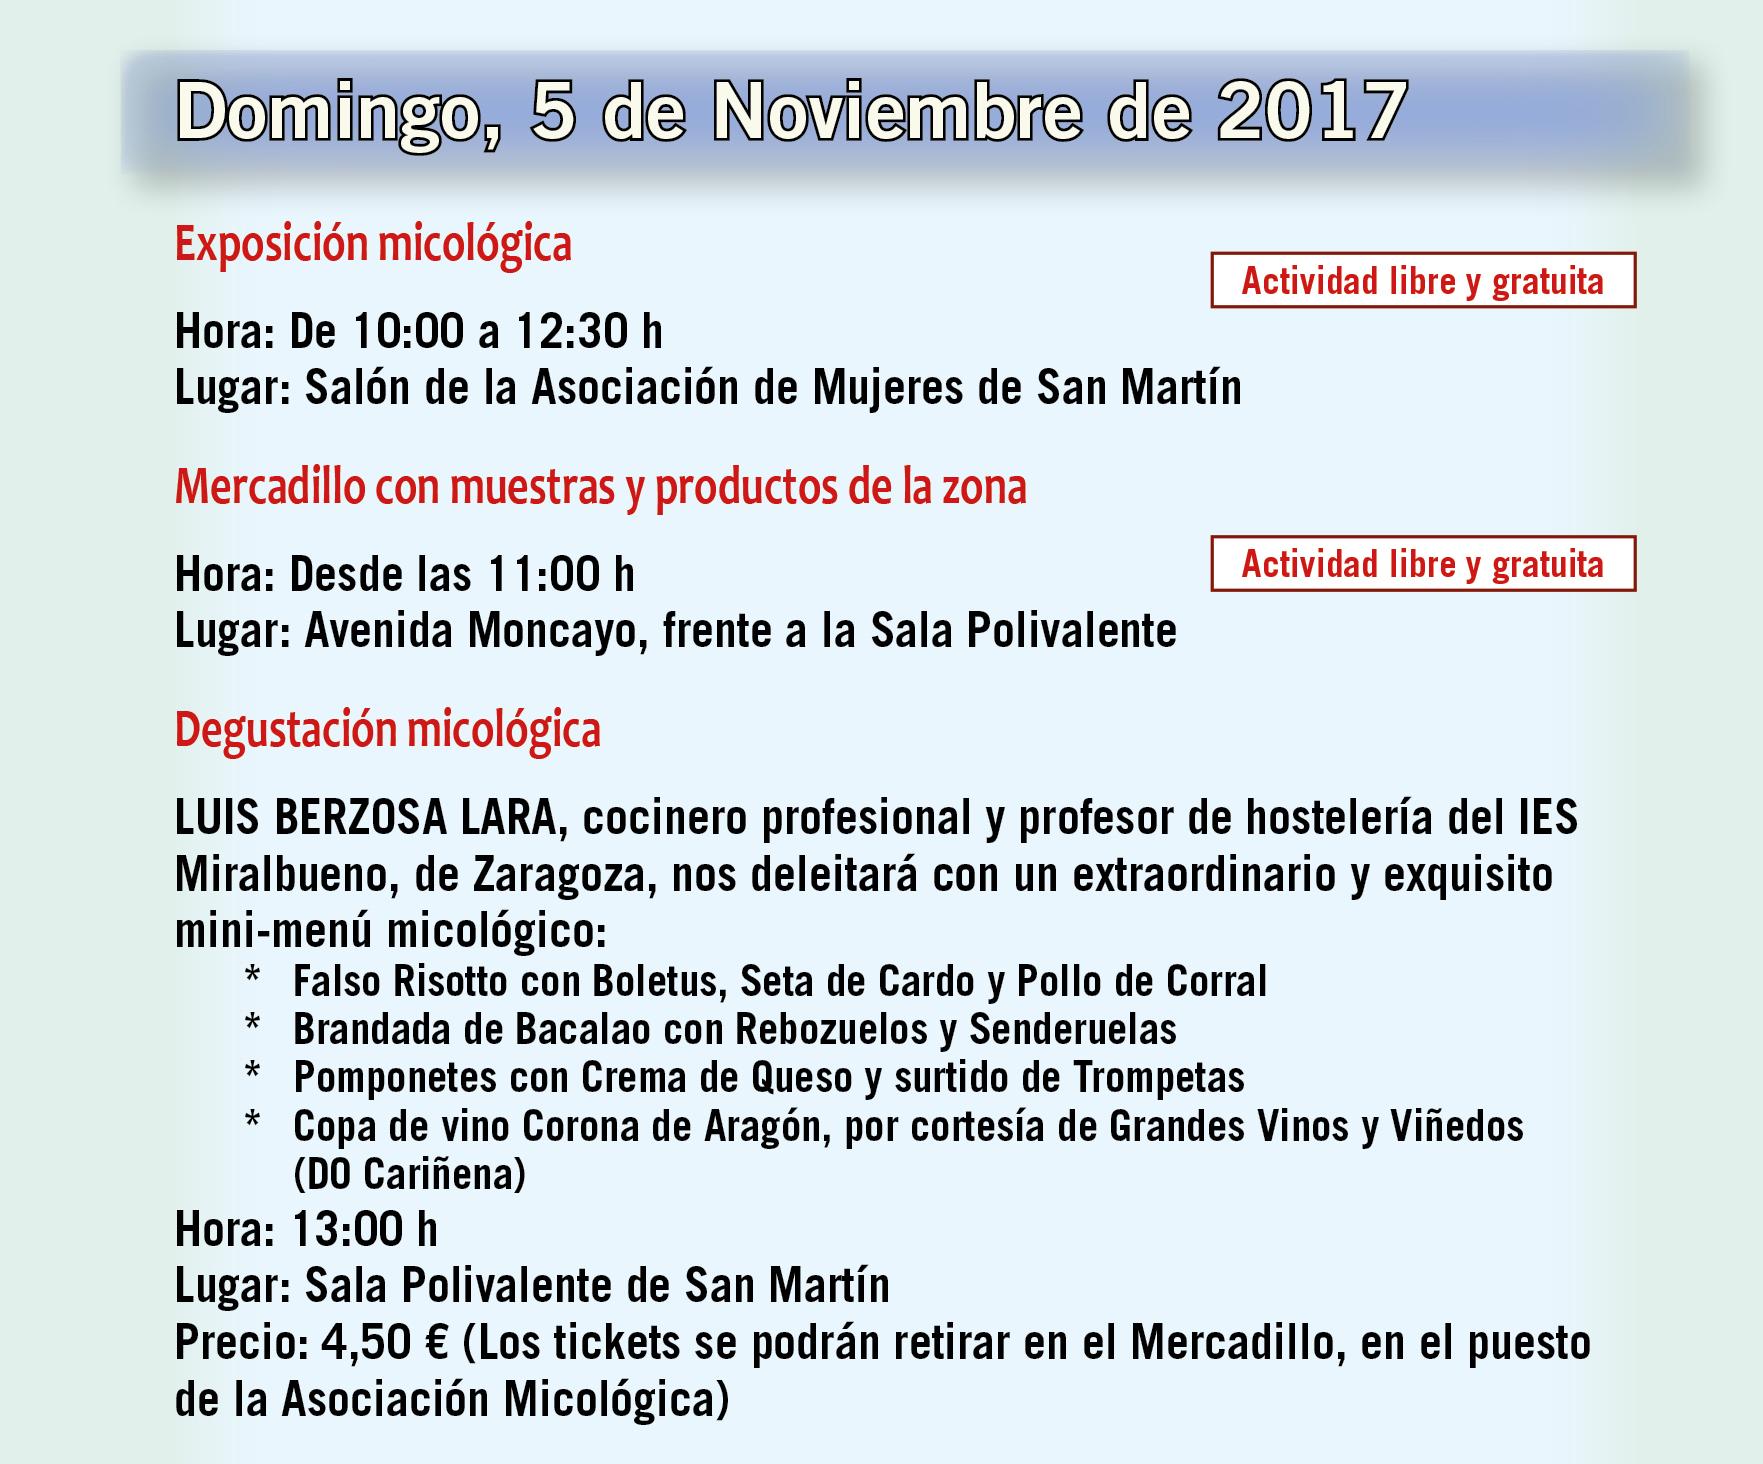 XIV Jornadas Micológicas Otoño 2017 #MicoMoncayo - San Martín de la Virgen de Moncayo - Actividades 5 de noviembre de 2017